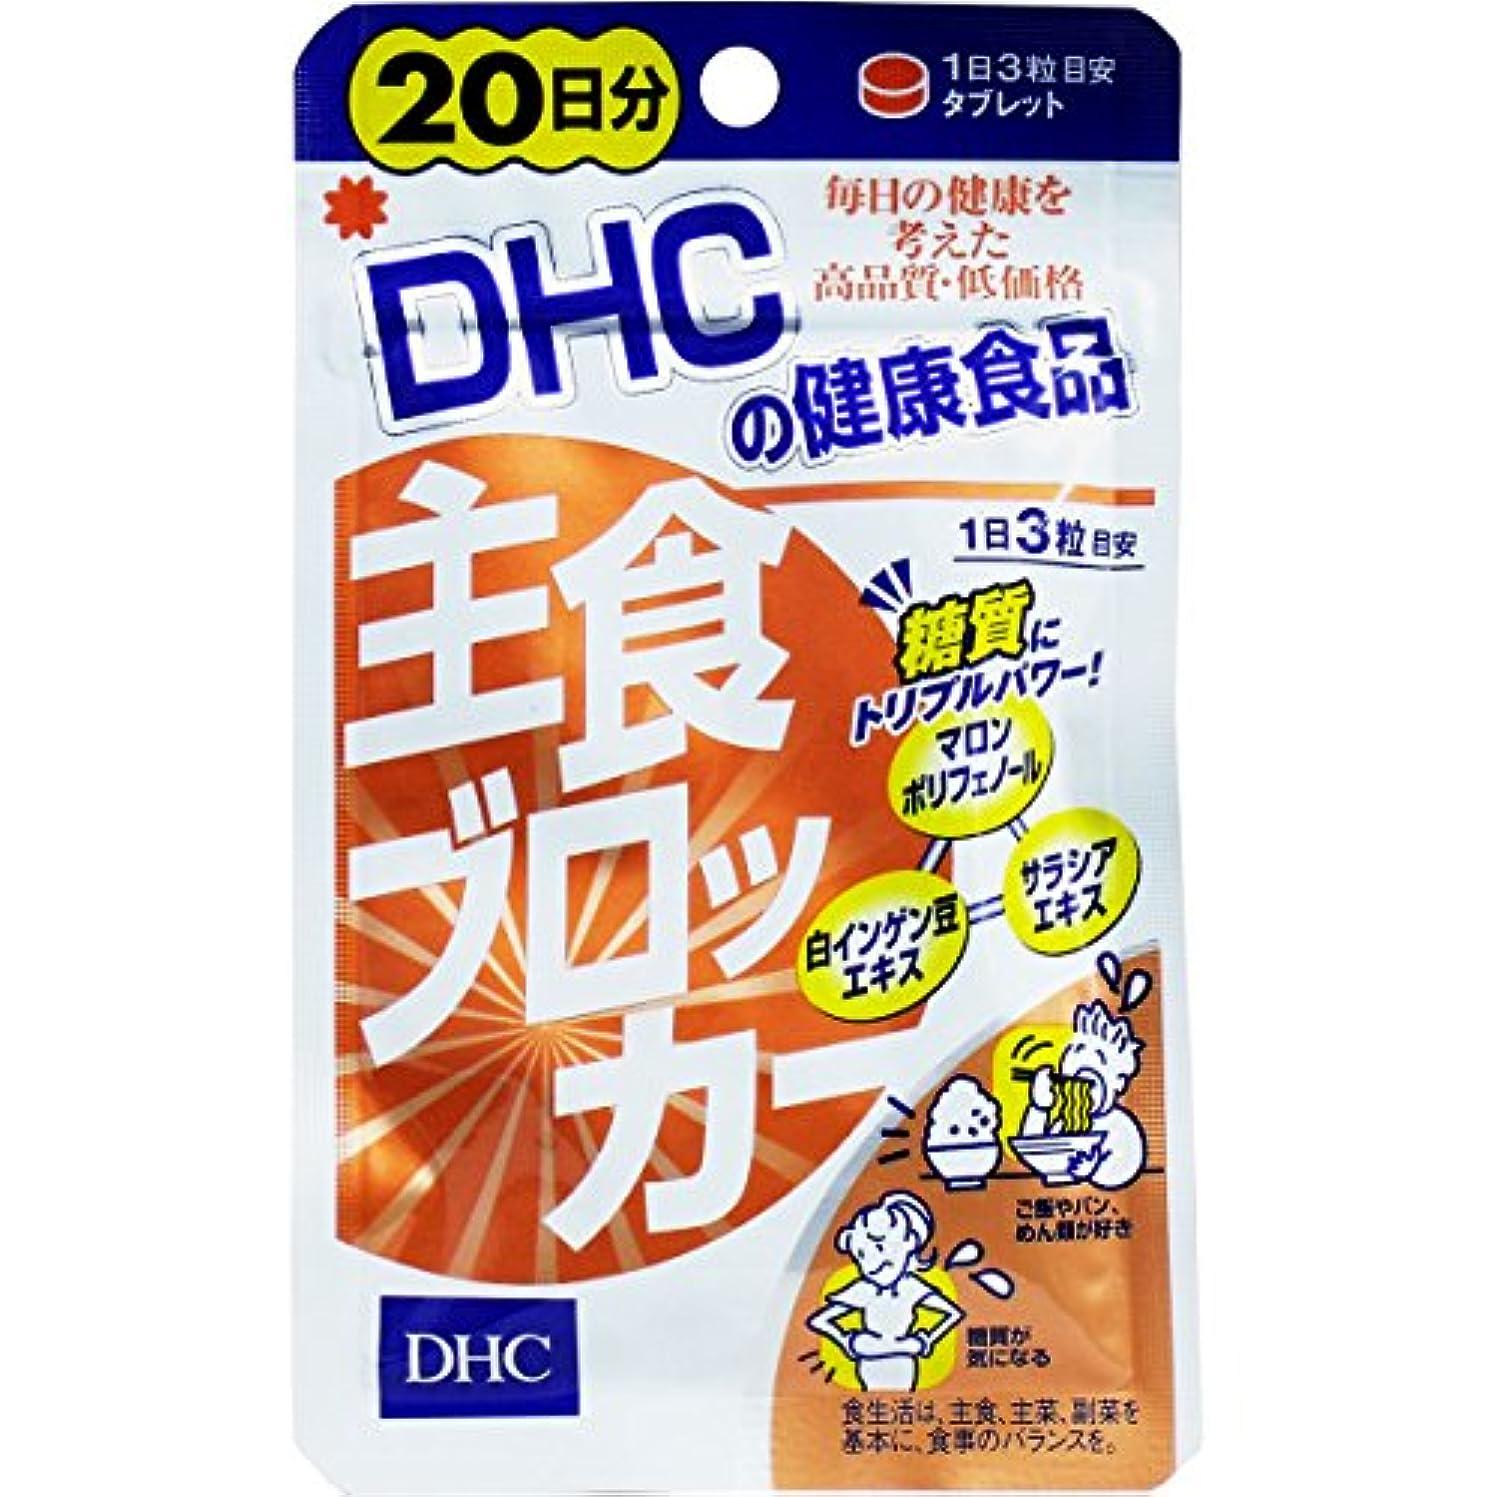 ダイアクリティカルフラフープバクテリアダイエット トリプルパワーでため込み対策 栄養機能食品 DHC 主食ブロッカー 20日分 60粒入【3個セット】